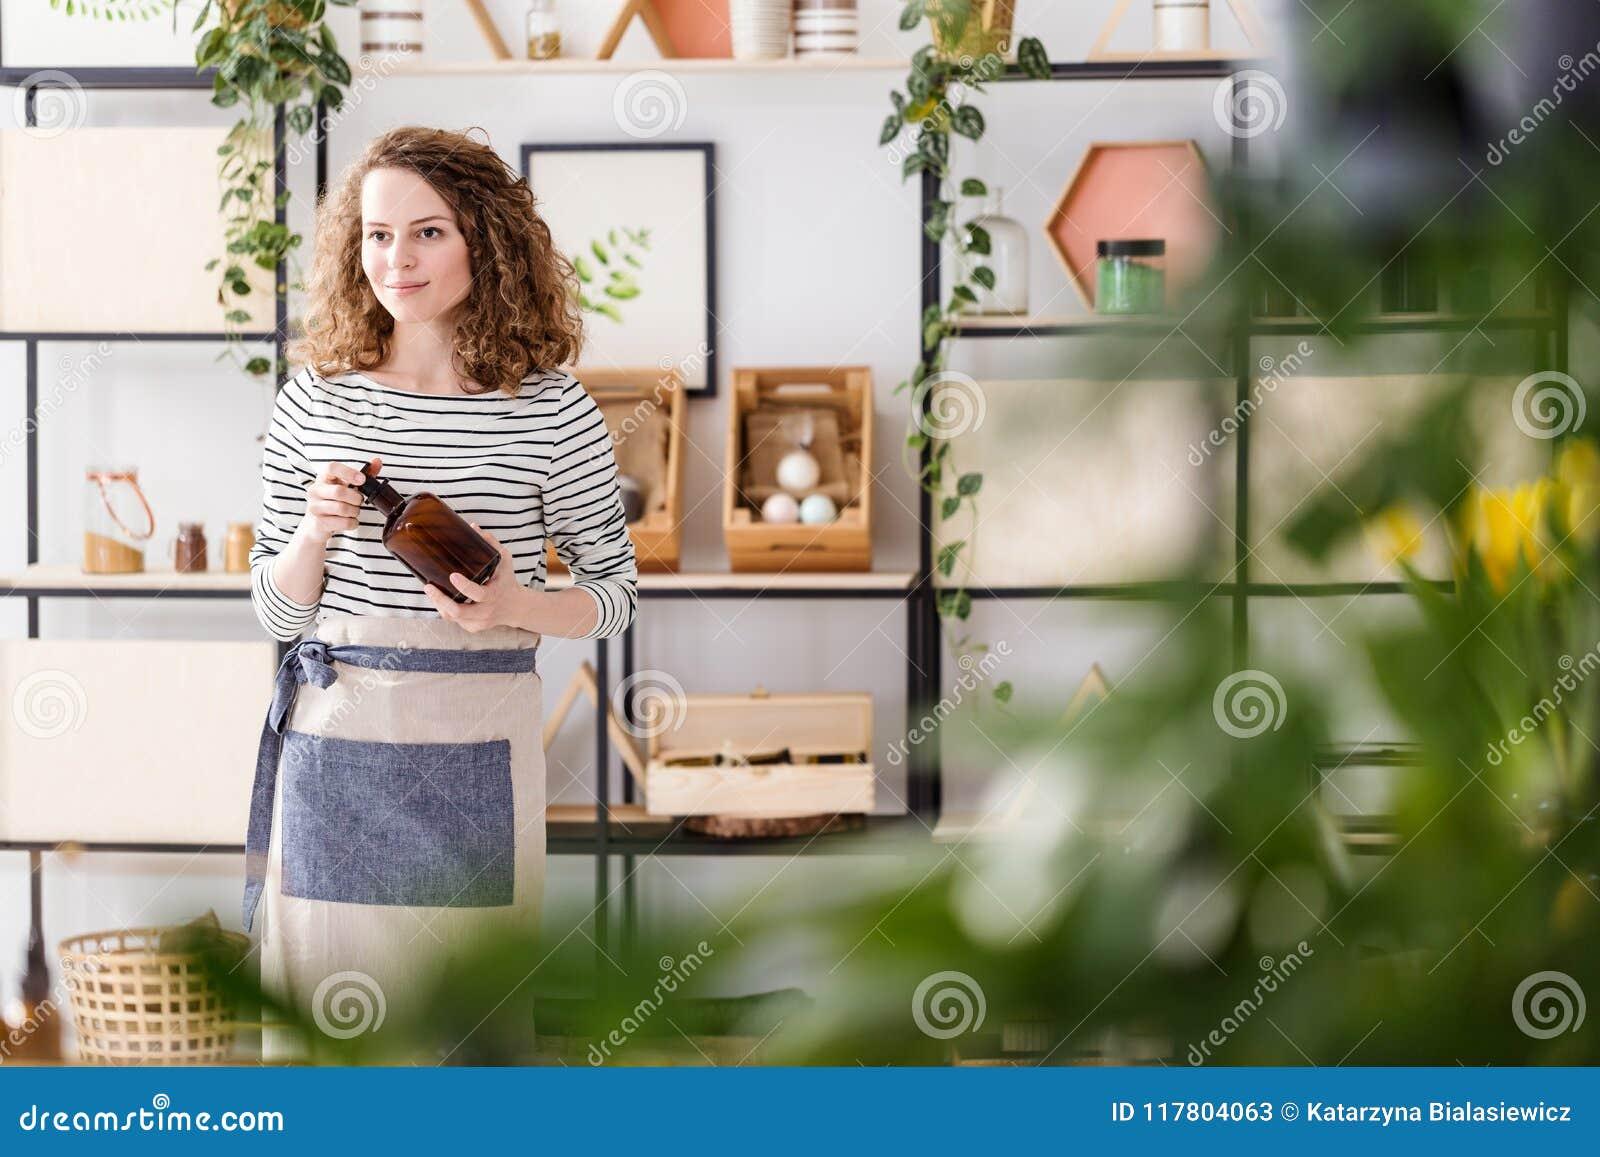 Kobieta w naturalnym sklepie